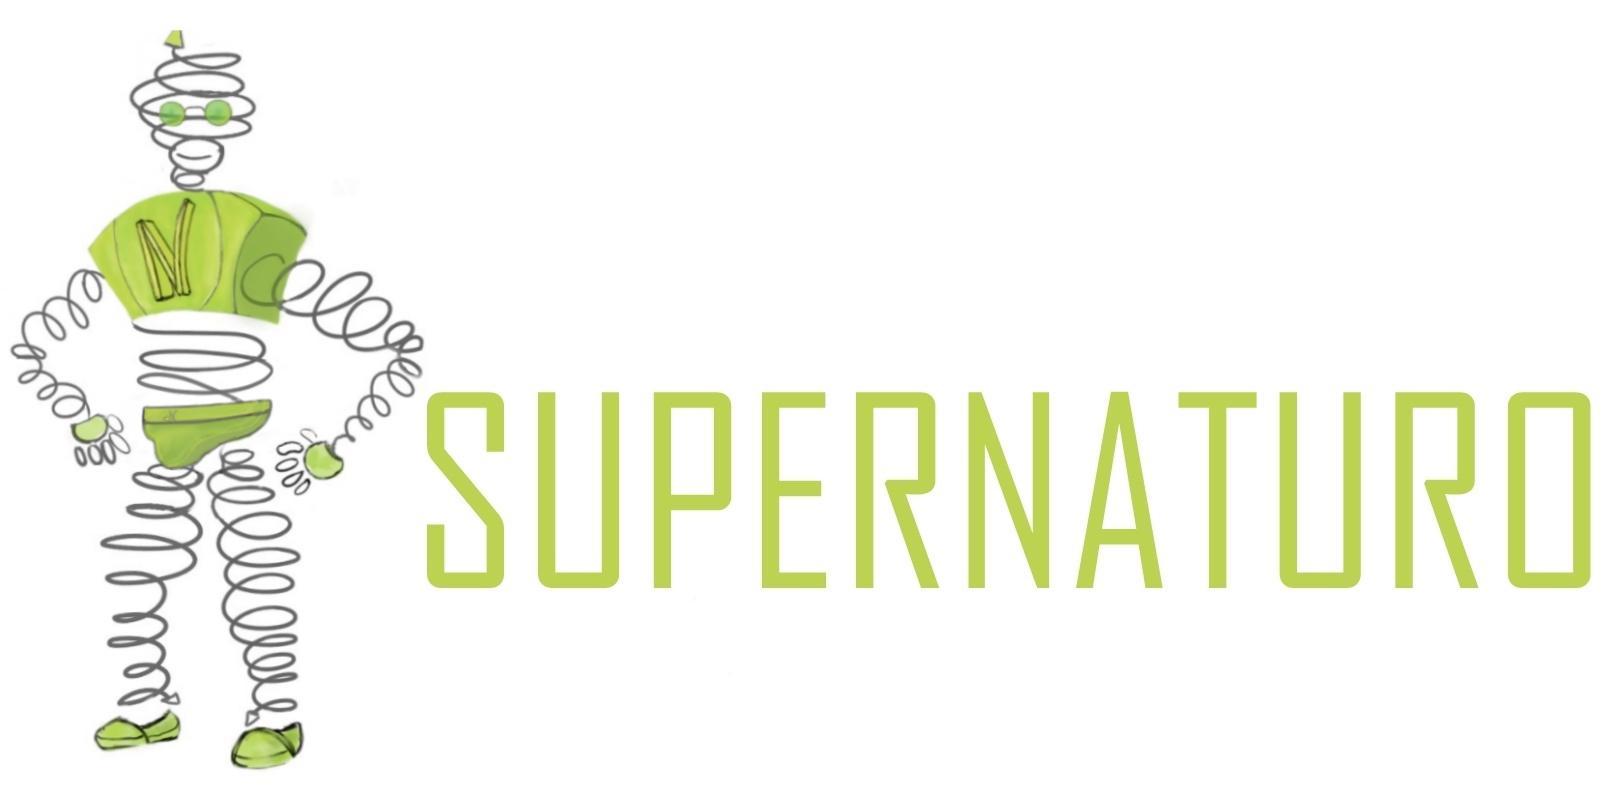 Supernaturo est un site de naturopathie fondé par Philippe France